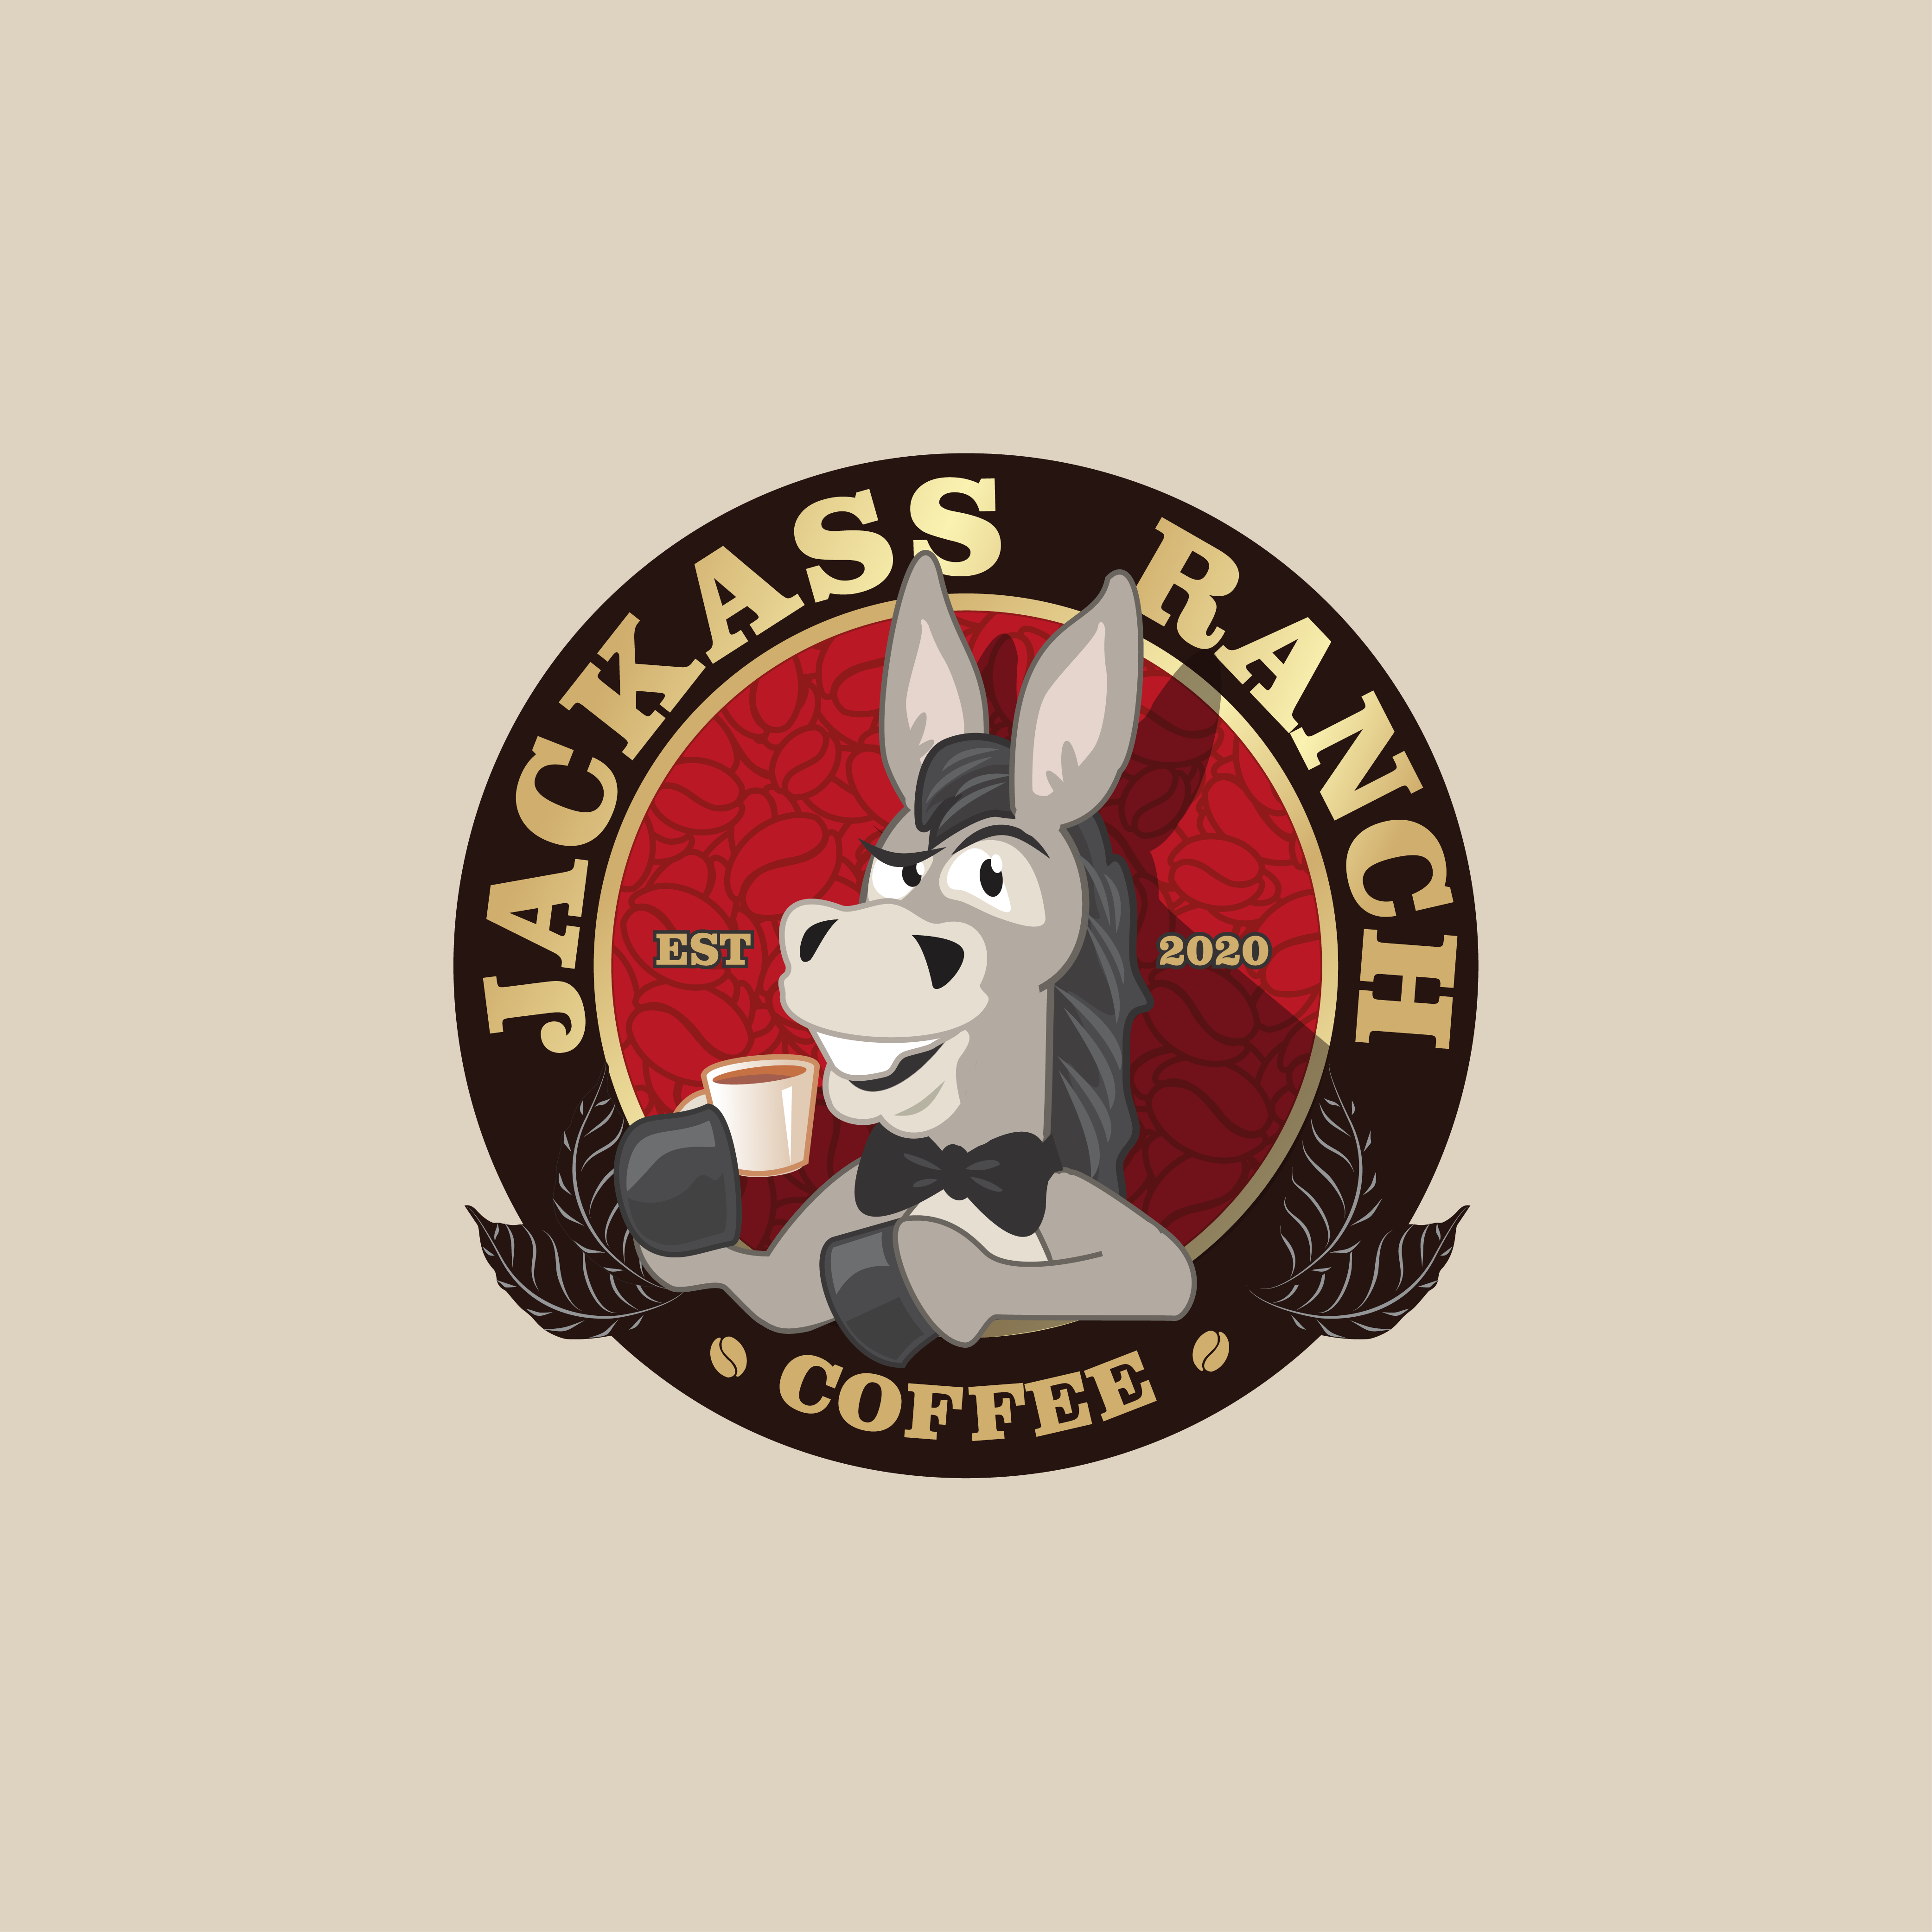 Snarky Ass Coffee Beans